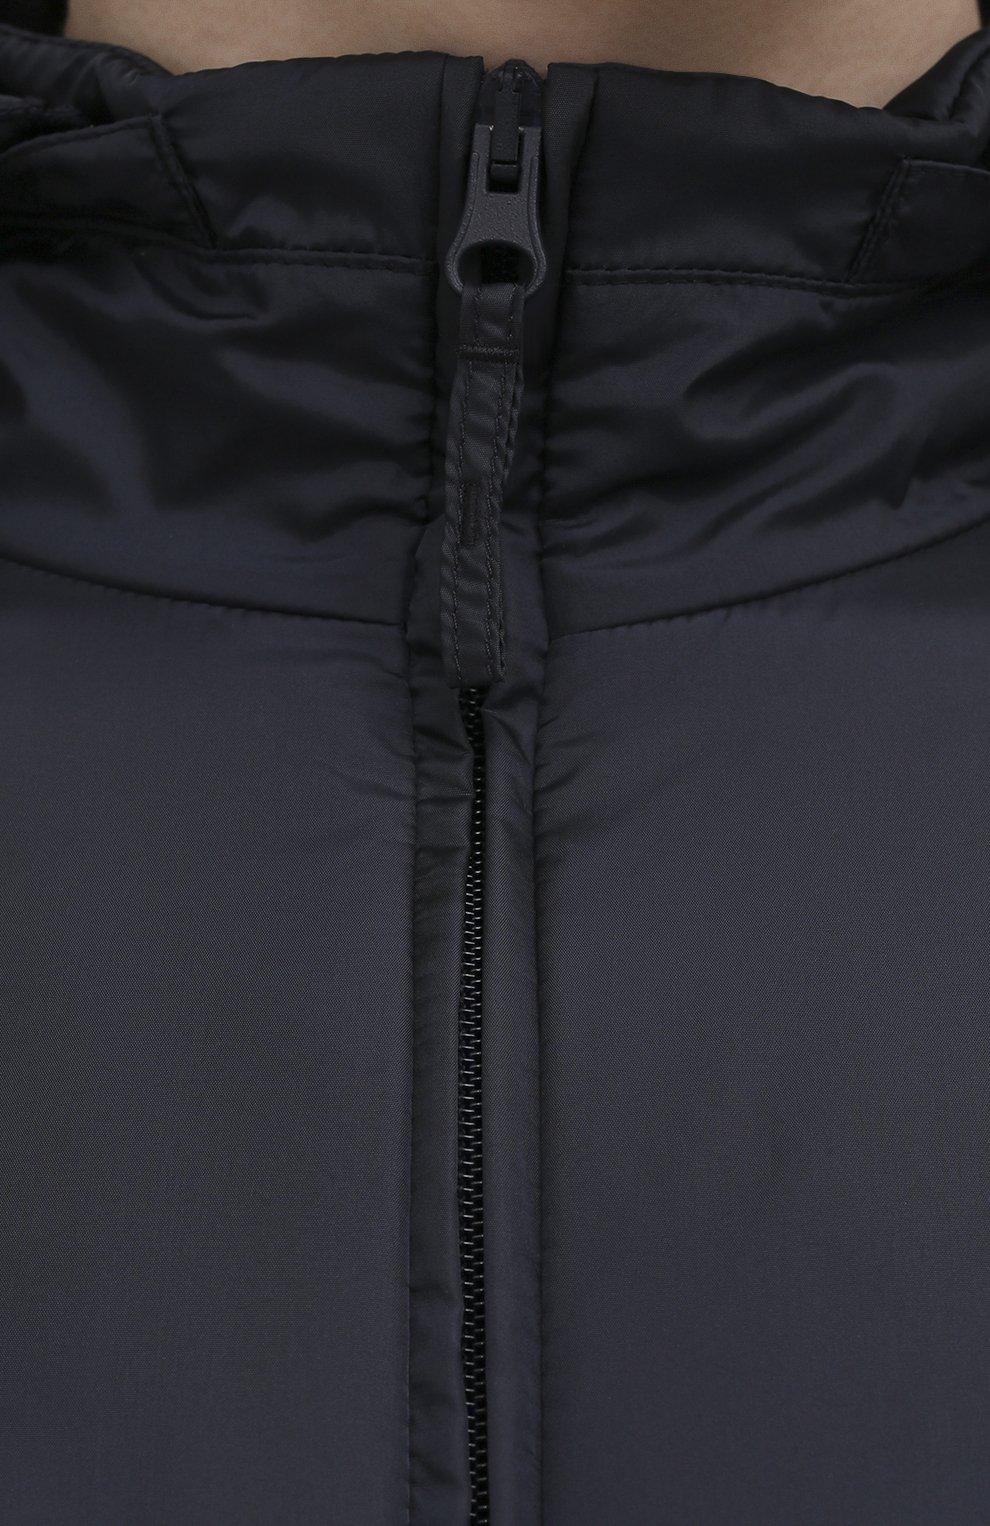 Мужская утепленная куртка ASPESI синего цвета, арт. S1 I I001 7961 | Фото 5 (Кросс-КТ: Куртка; Рукава: Длинные; Материал внешний: Синтетический материал; Мужское Кросс-КТ: утепленные куртки; Материал подклада: Синтетический материал; Длина (верхняя одежда): Короткие; Стили: Кэжуэл)